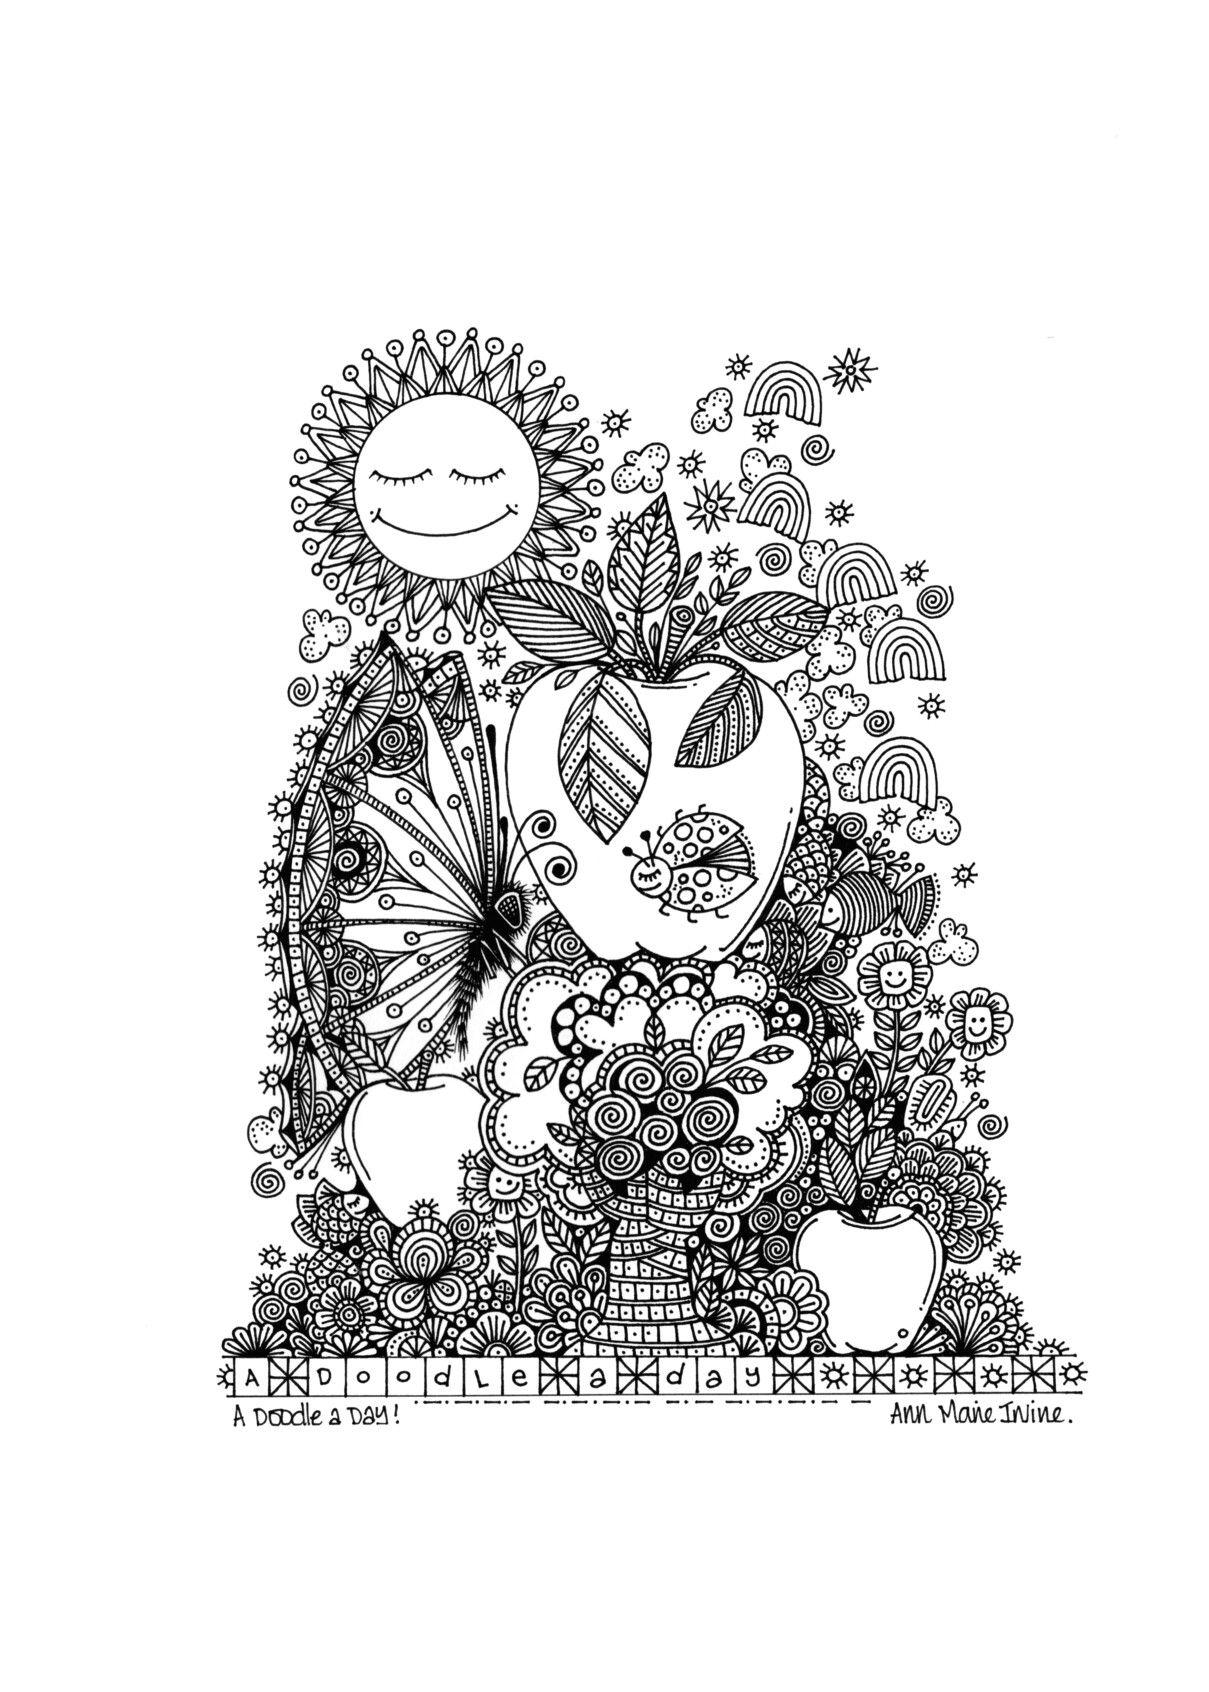 Encantador Dibujos Para Colorear Frutas Manzana | Colore Ar La Imagen